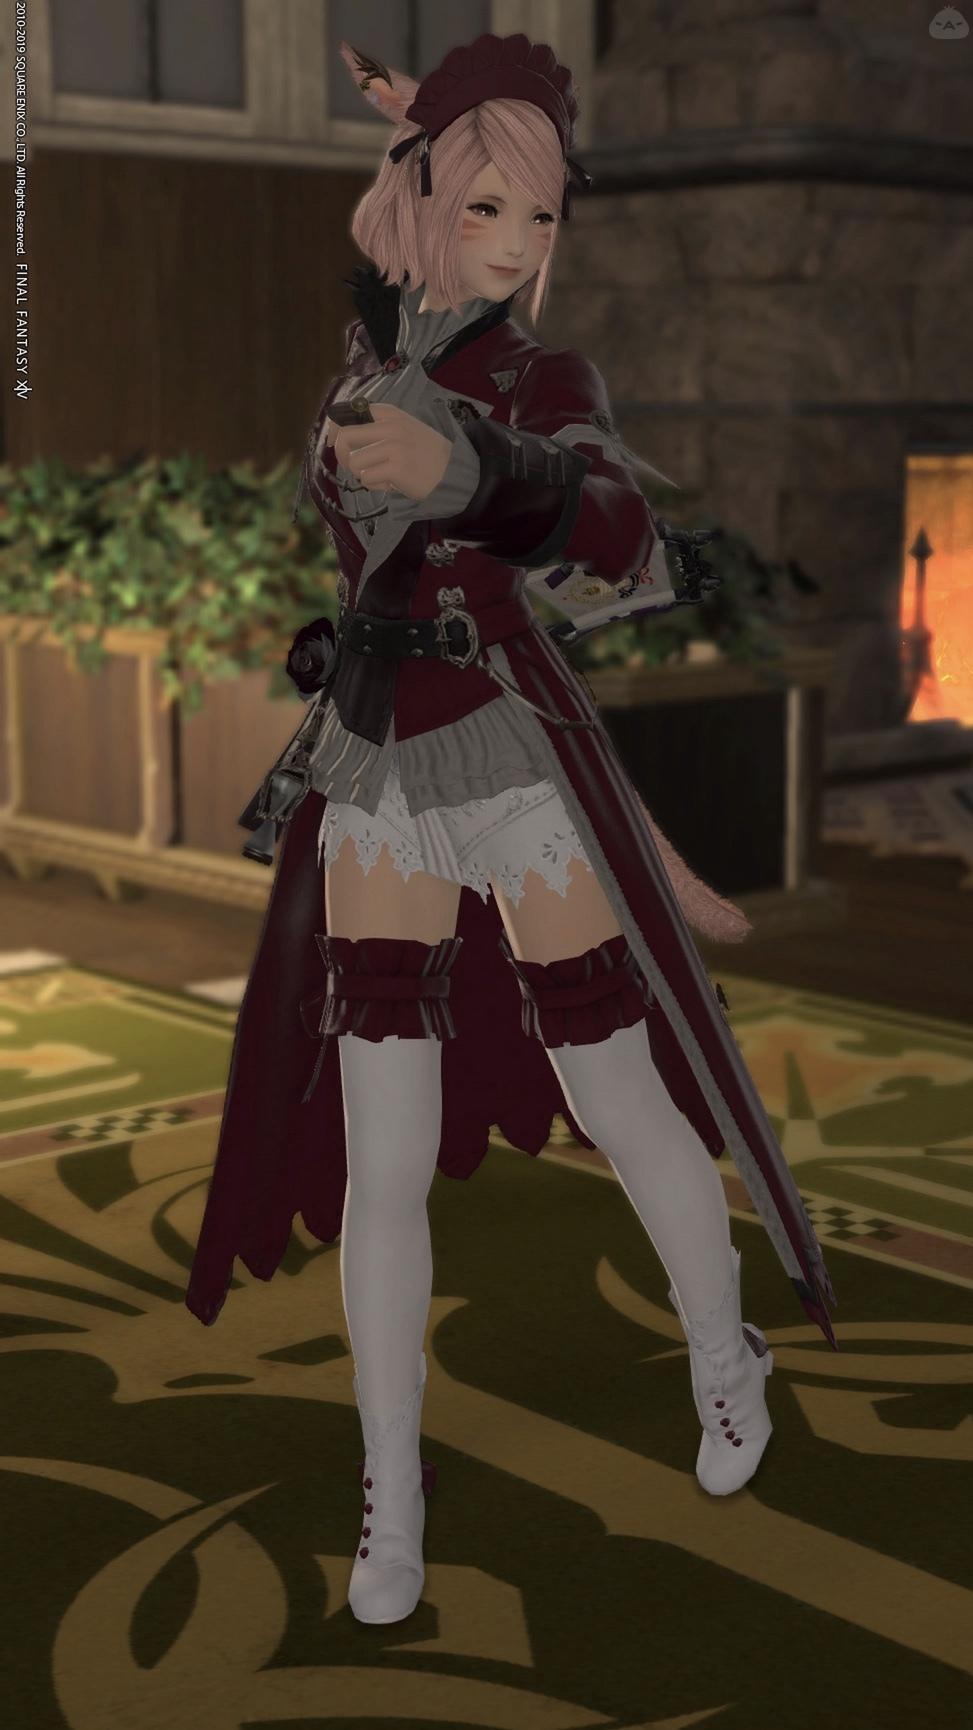 ミーン・クラフターコートを生かしたい!